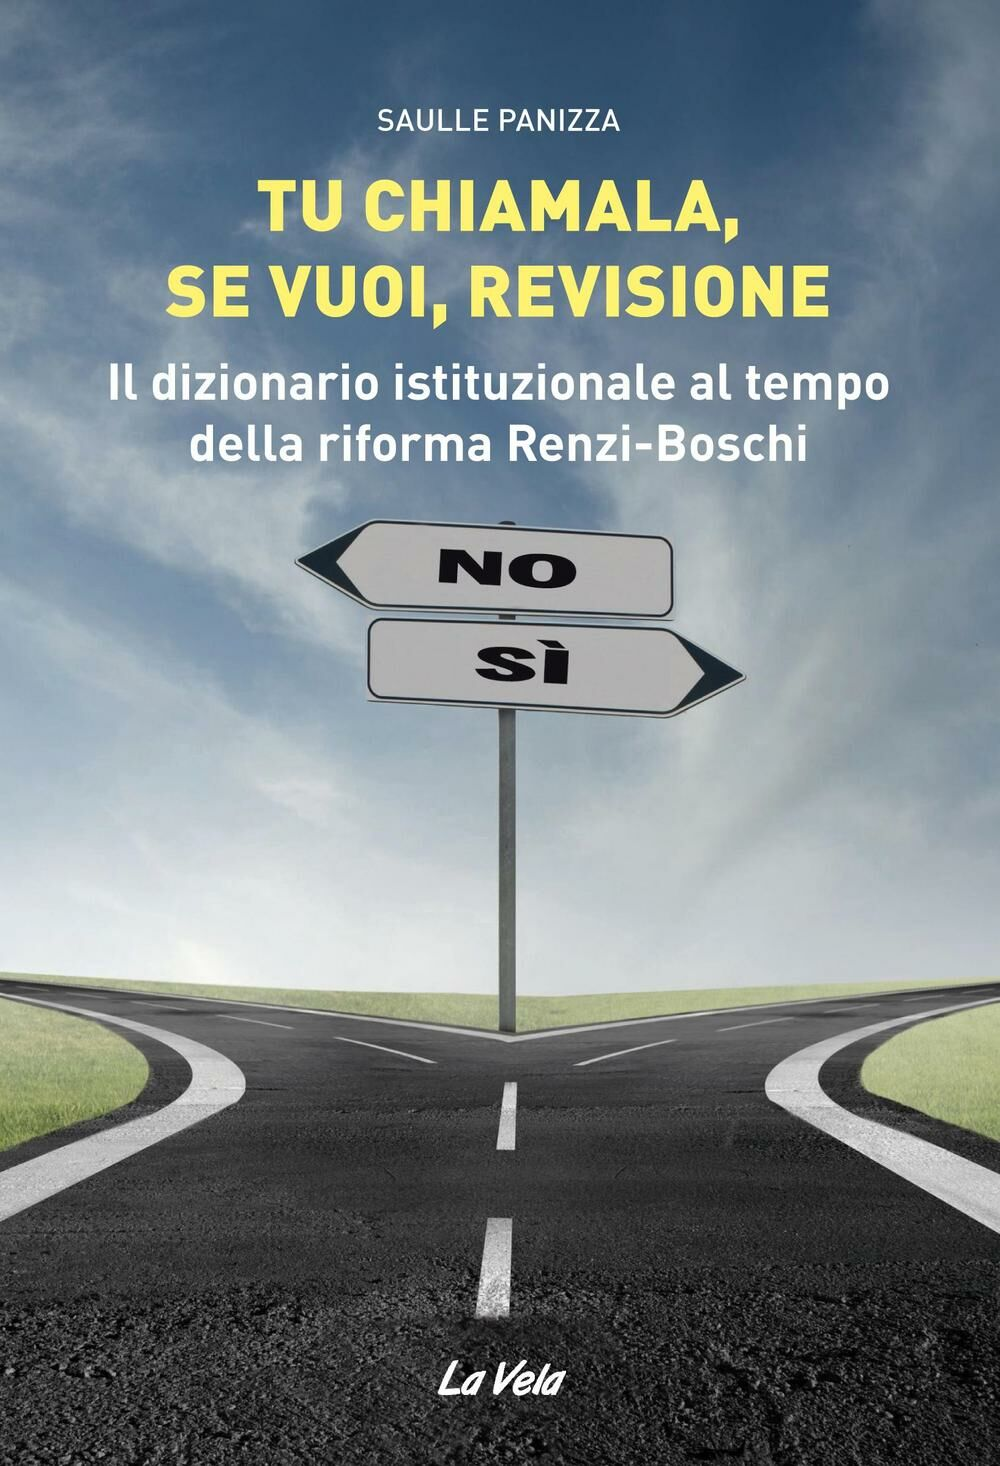 Tu chiamala, se vuoi, revisione. Il dizionario istituzionale al tempo della riforma Renzi-Boschi